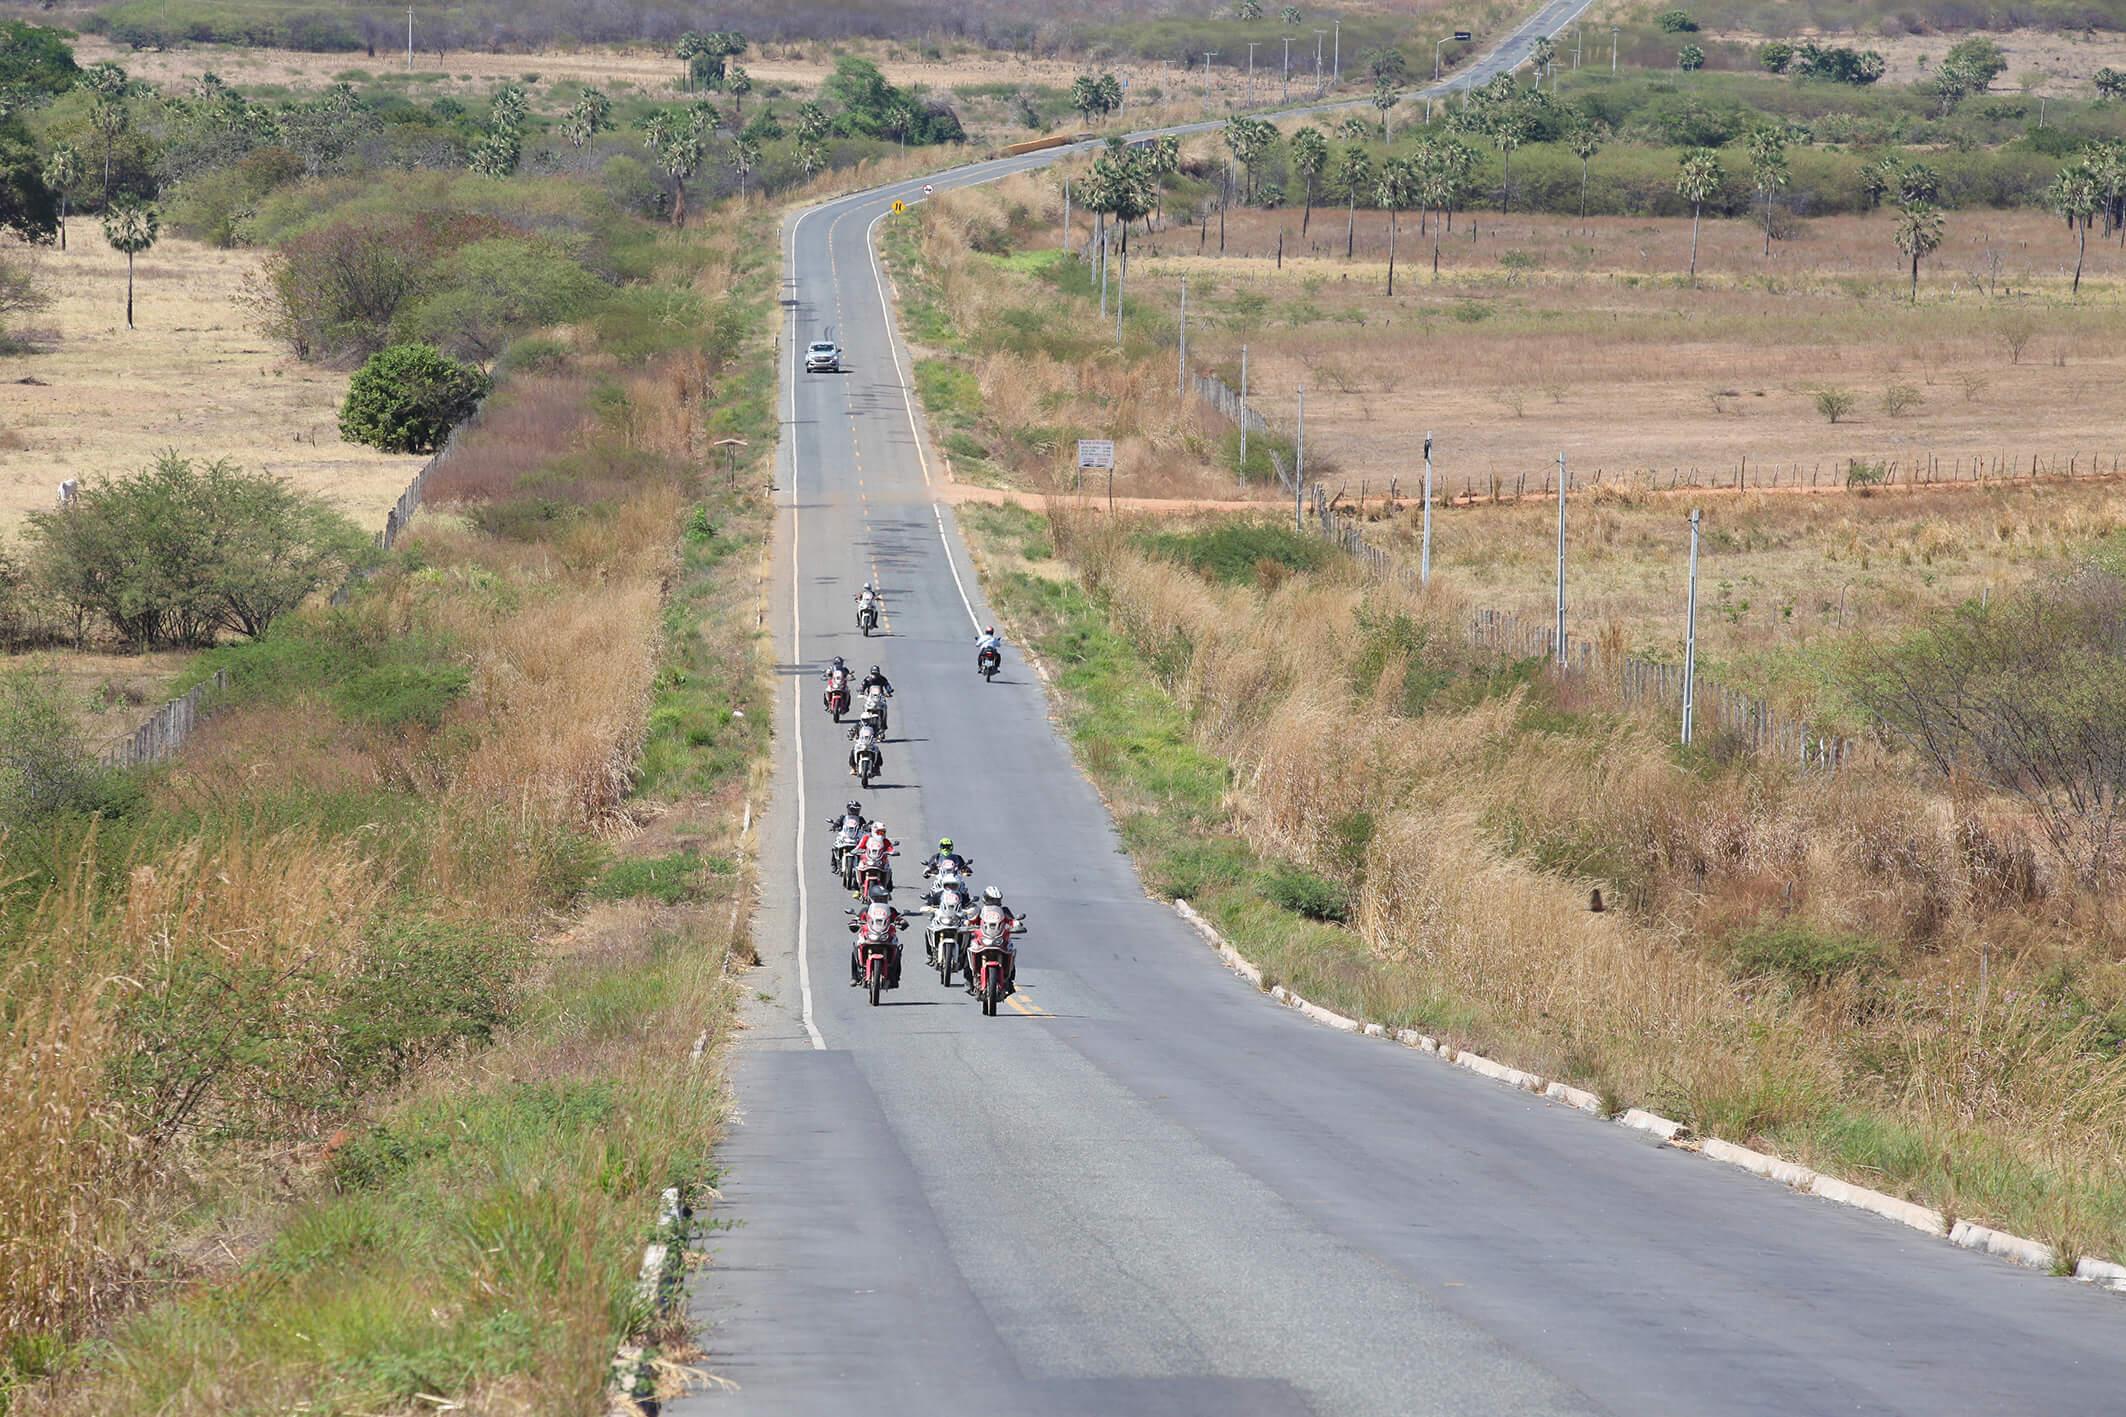 Expedição Africa Twin teve carro de apoio e duas vans, uma para bagagem e outra com moto reserva